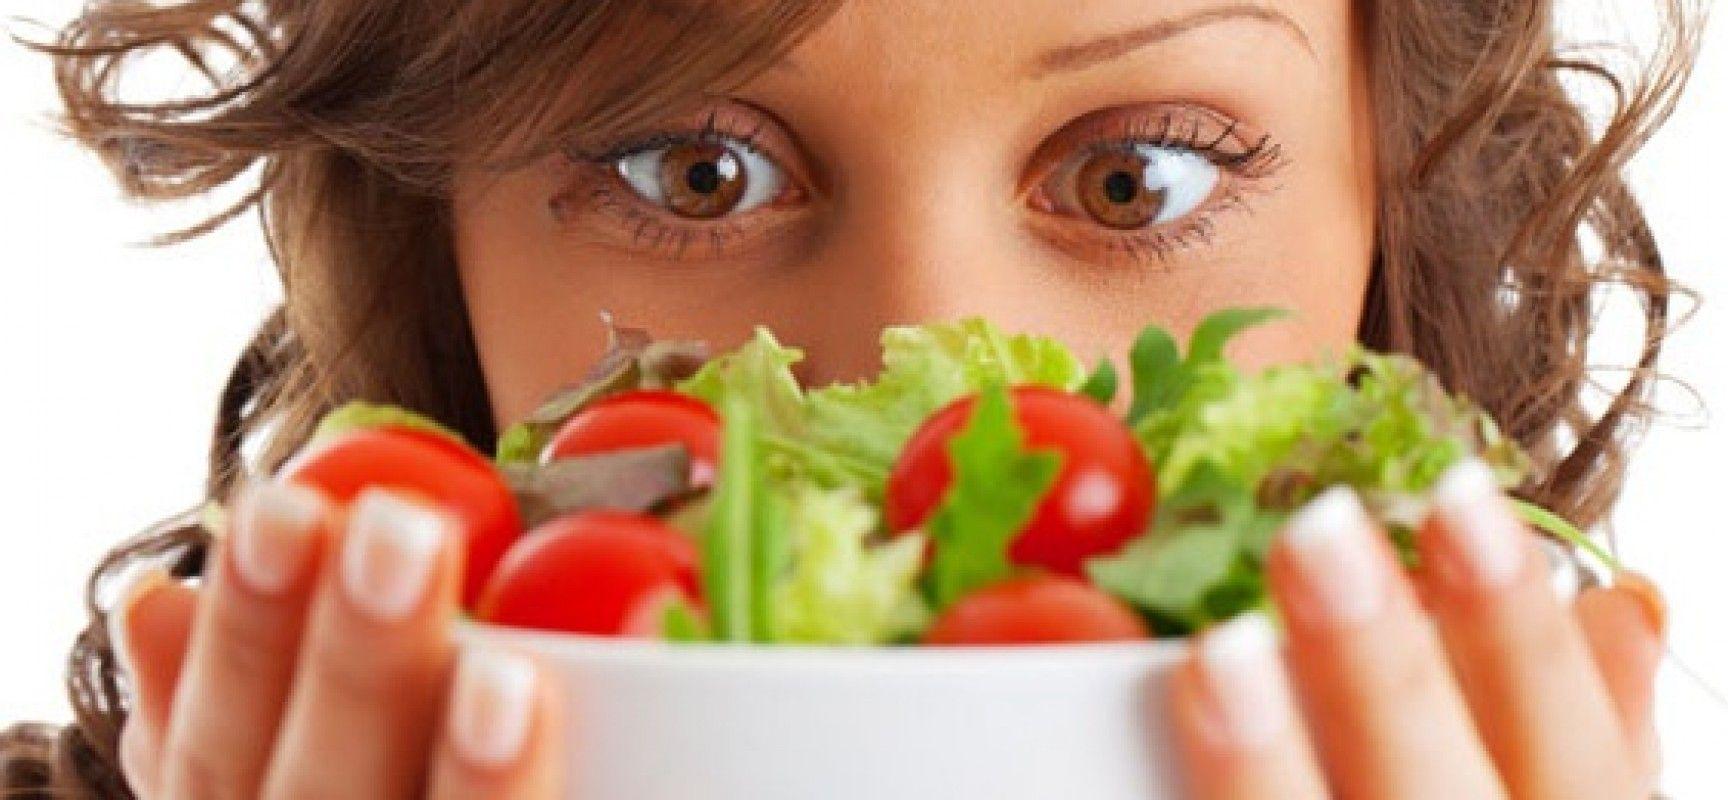 9 domande per capire se mangiamo in modo sano